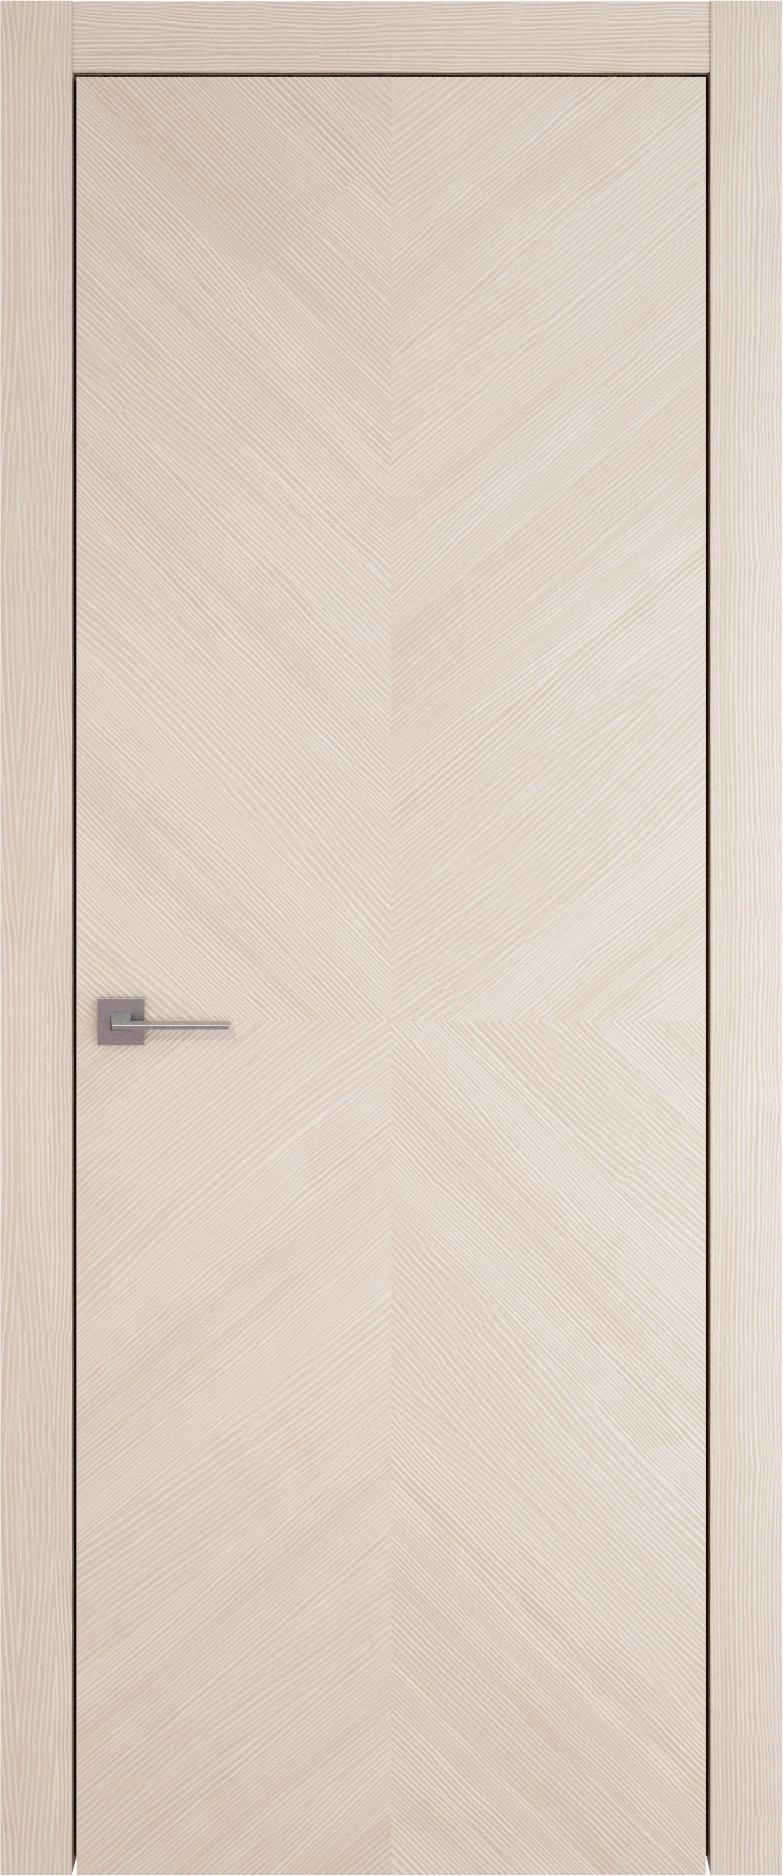 Tivoli И-1 цвет - Беленый дуб Без стекла (ДГ)